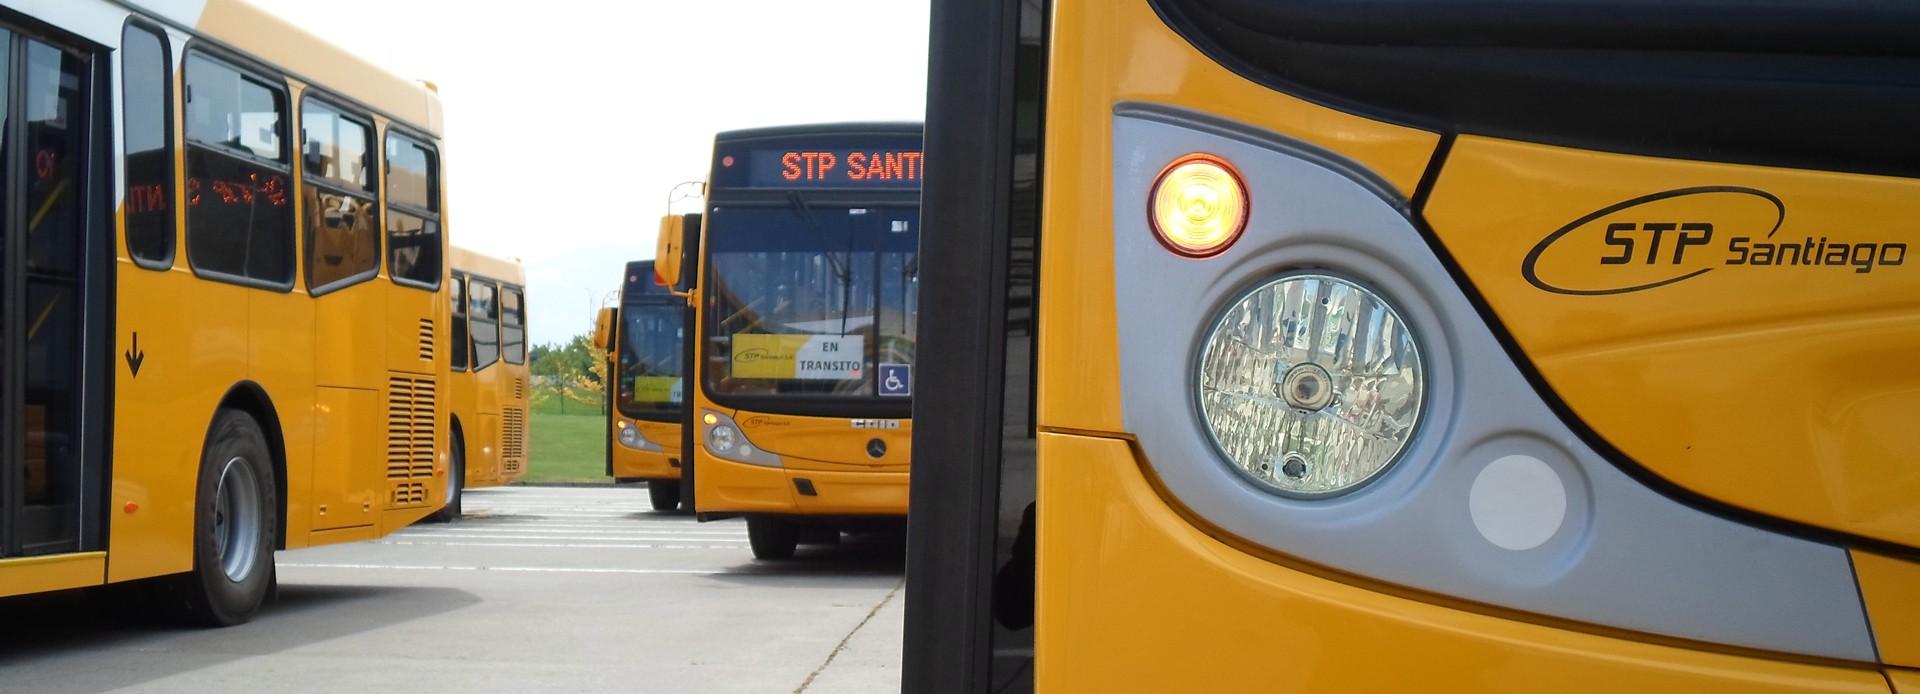 50 nuevos buses se integran a la flota de STP